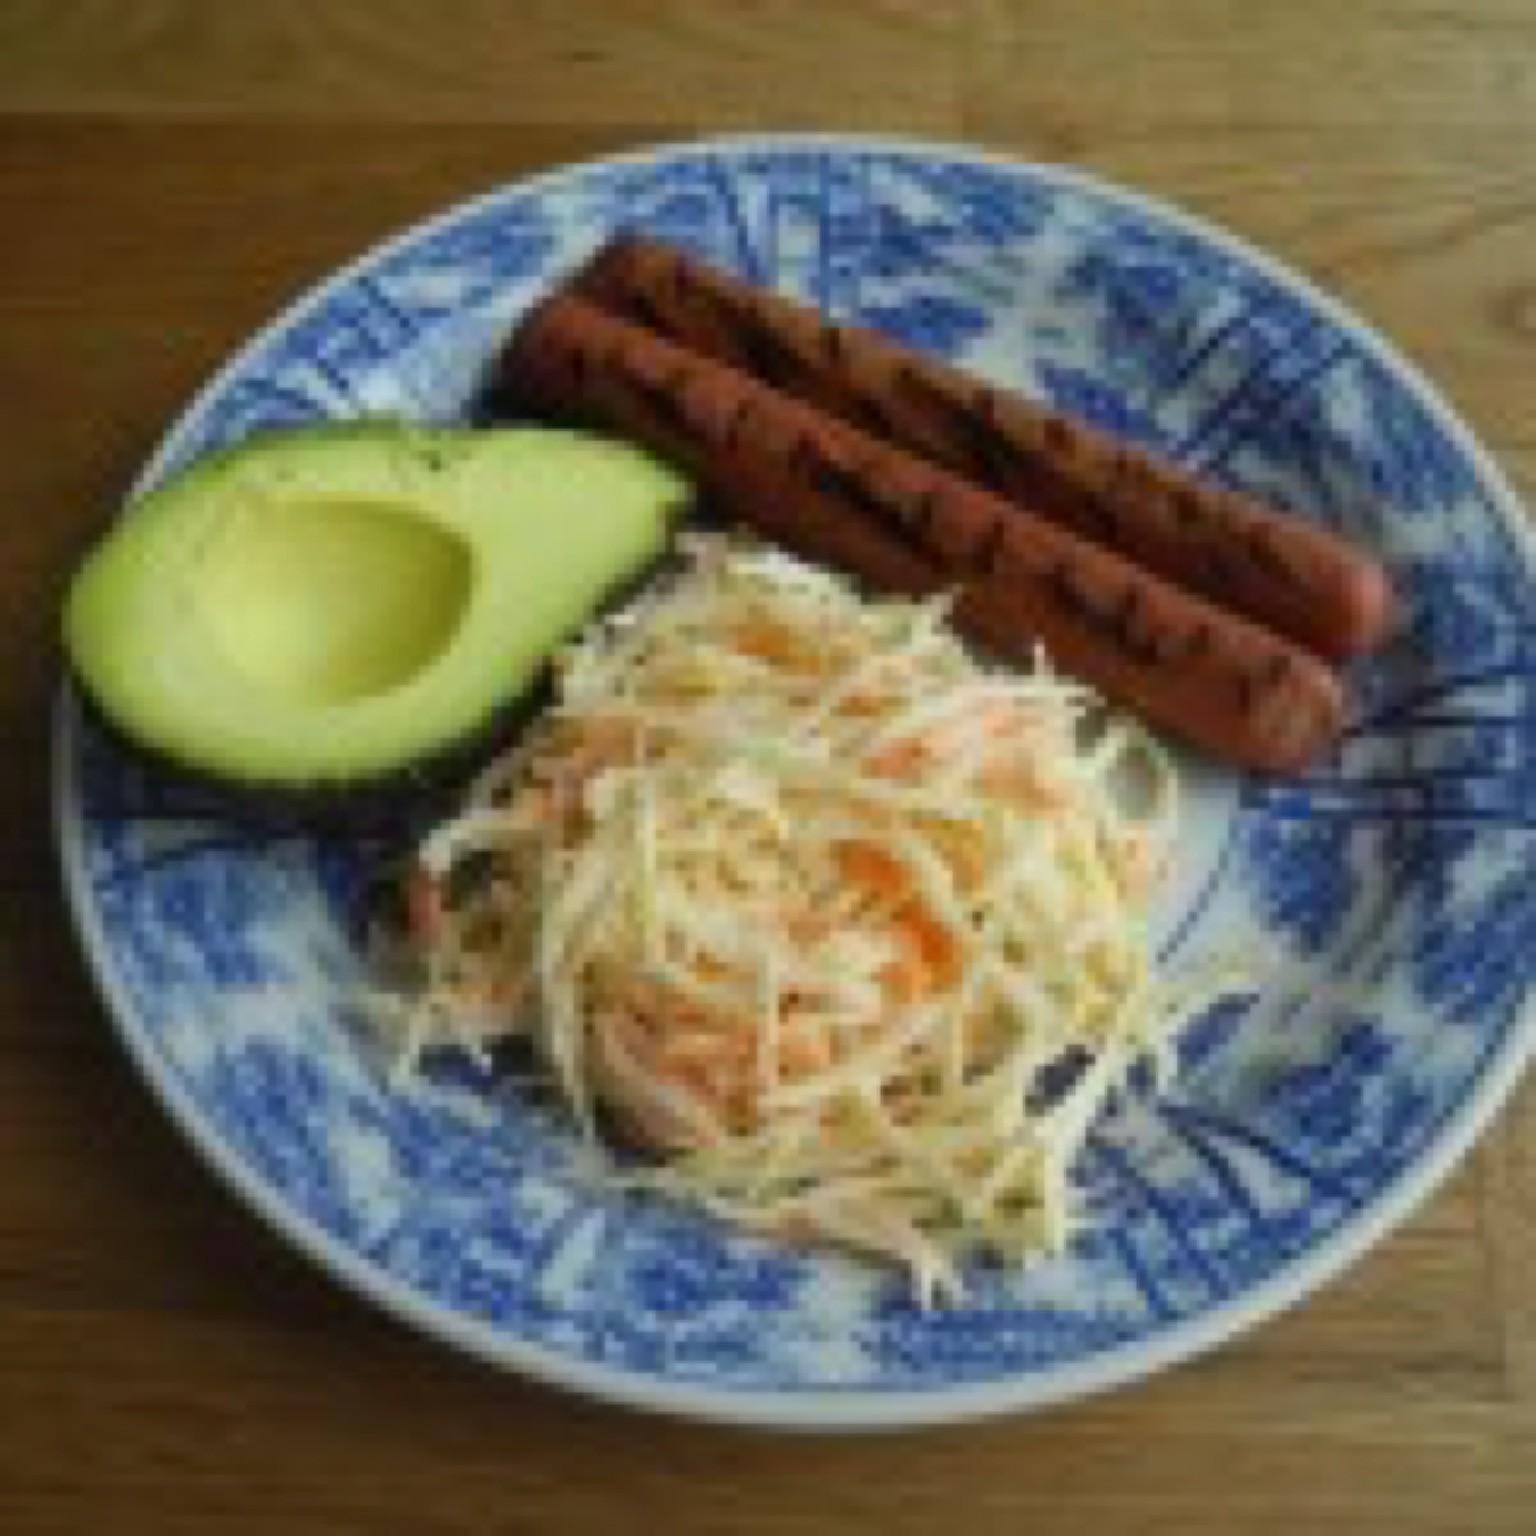 kycklingkorv coleslaw avokado